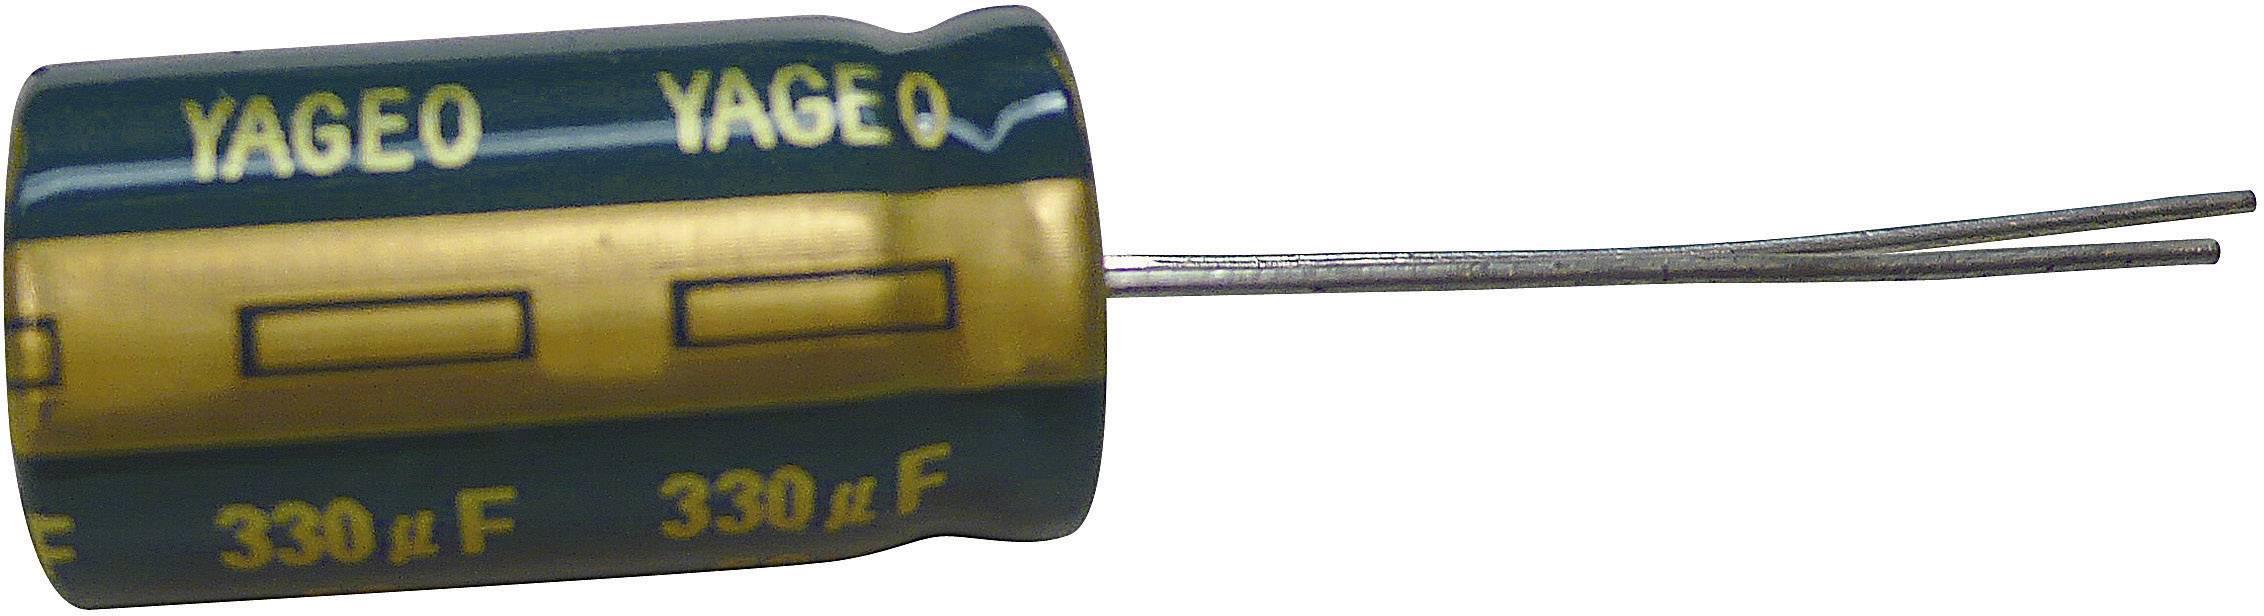 Kondenzátor elektrolytický Yageo SC006M0330B3F-0811, 330 µF, 6,3 V, 20 %, 11 x 8 mm